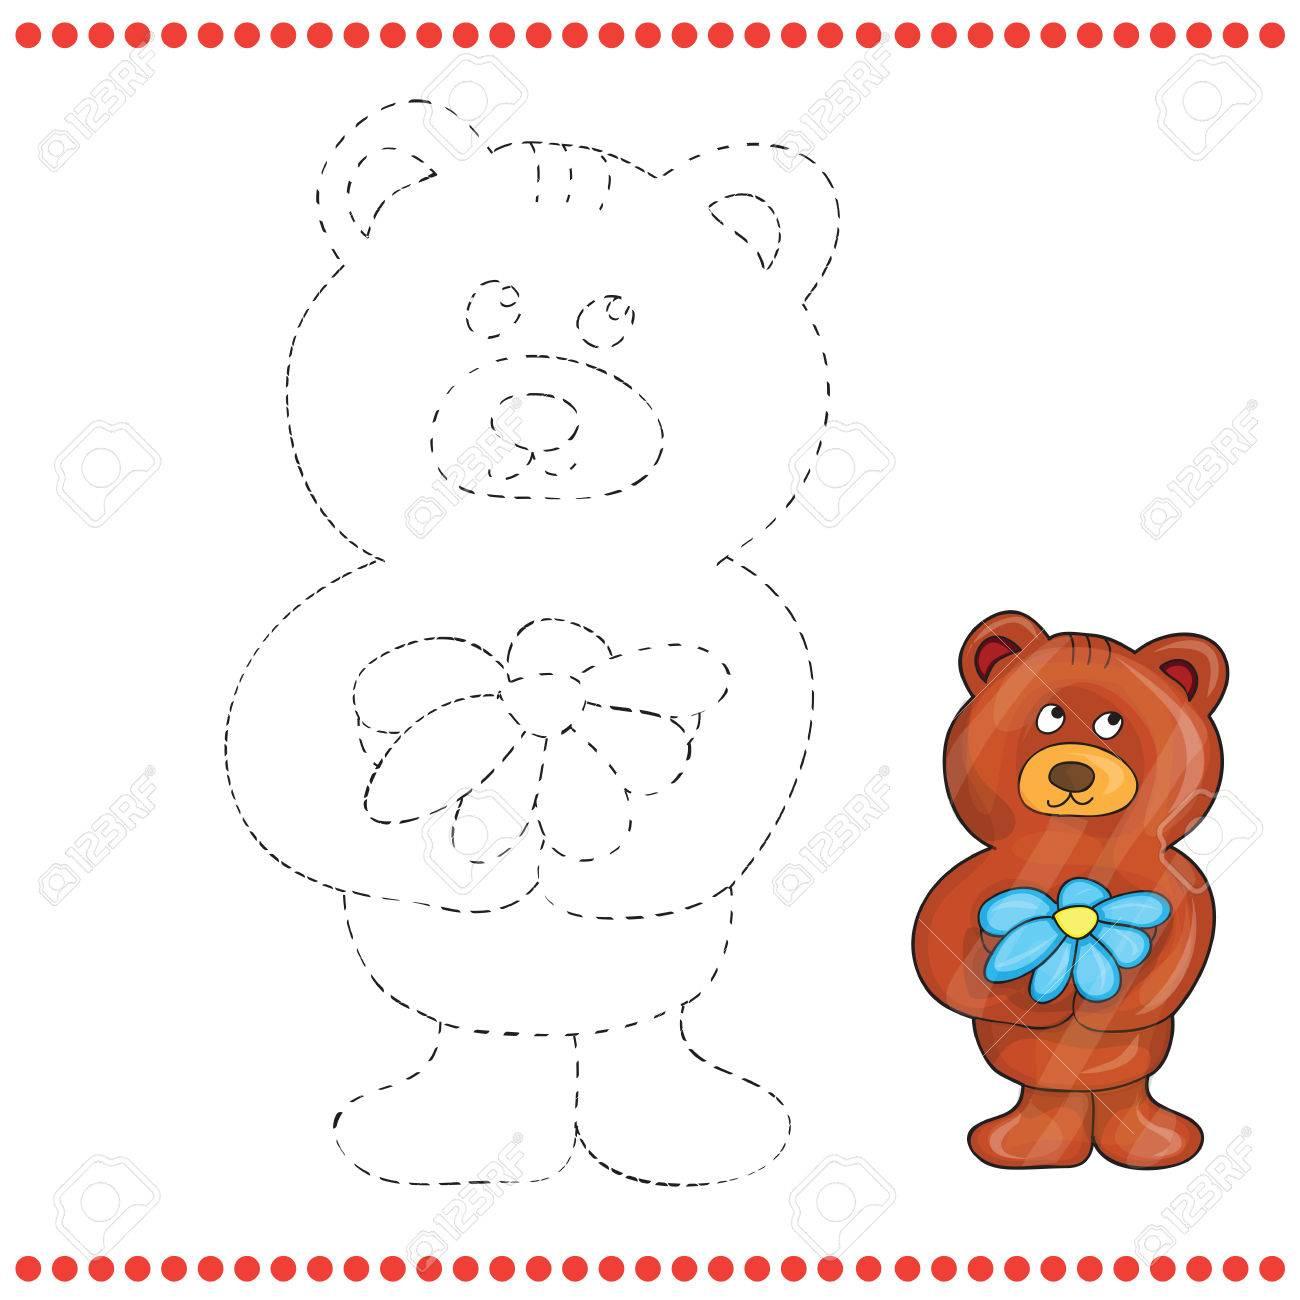 Schließen Sie Die Punkte Und Malvorlagen - Teddybär Lizenzfrei ...